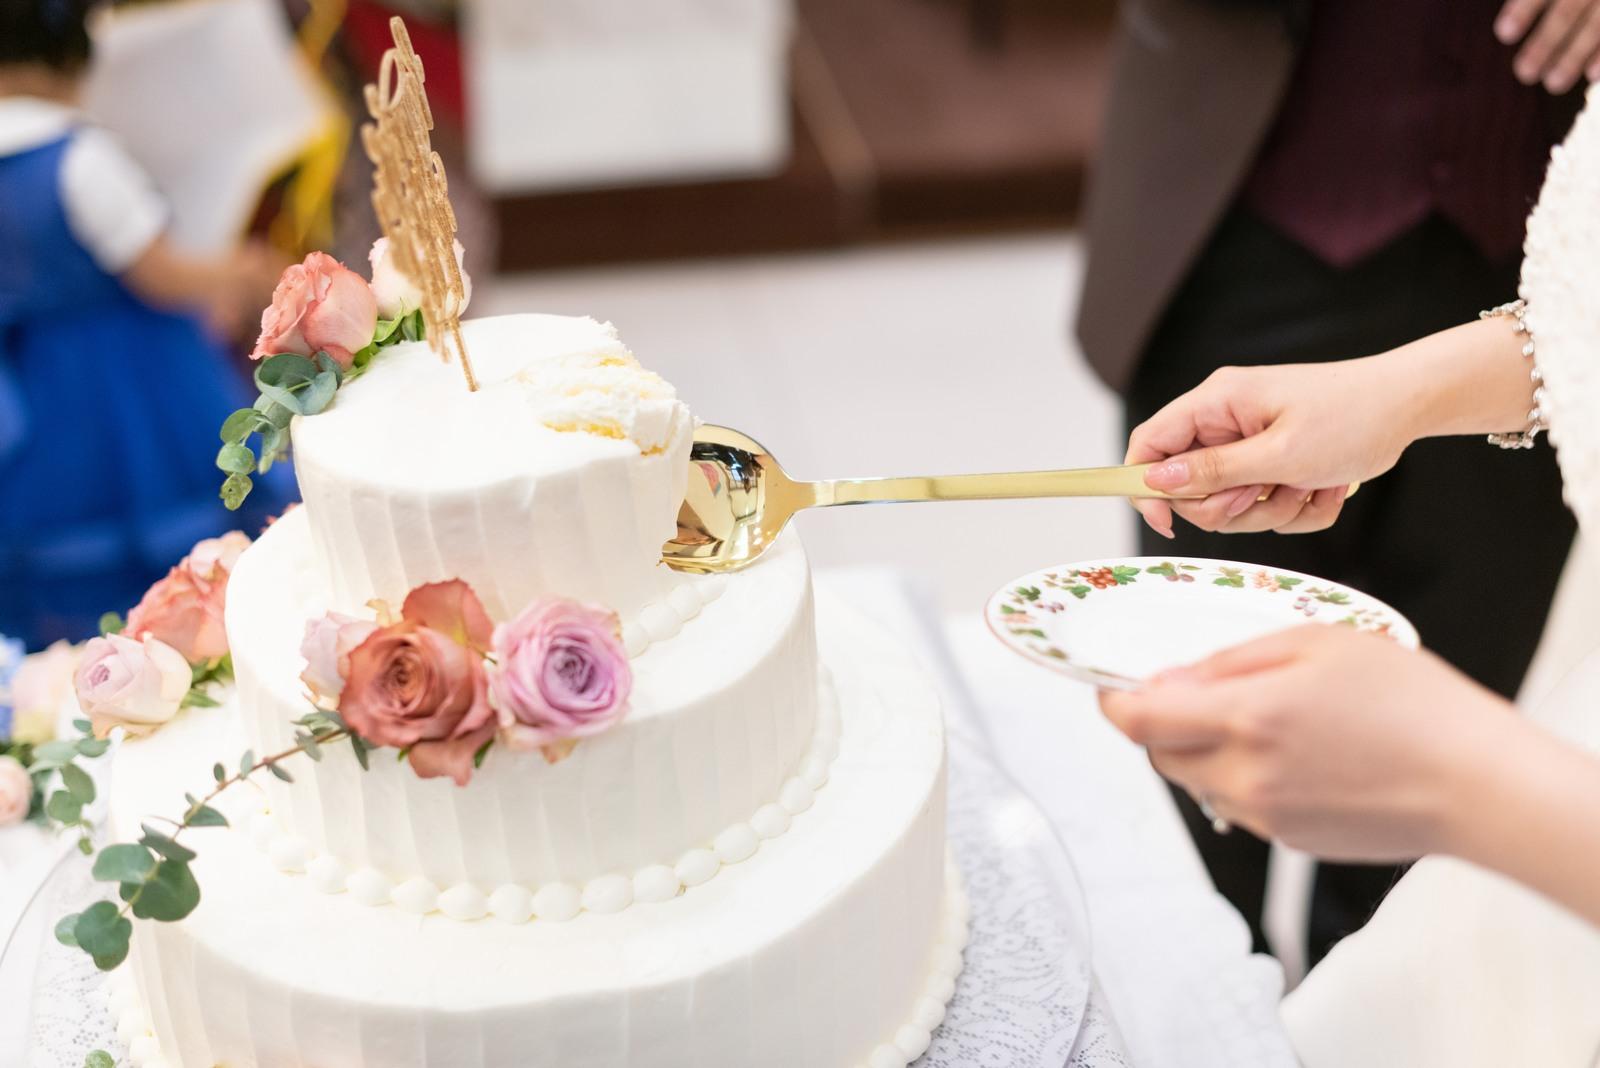 香川の結婚式場シェルエメール&アイスタイル ウエディングケーキ